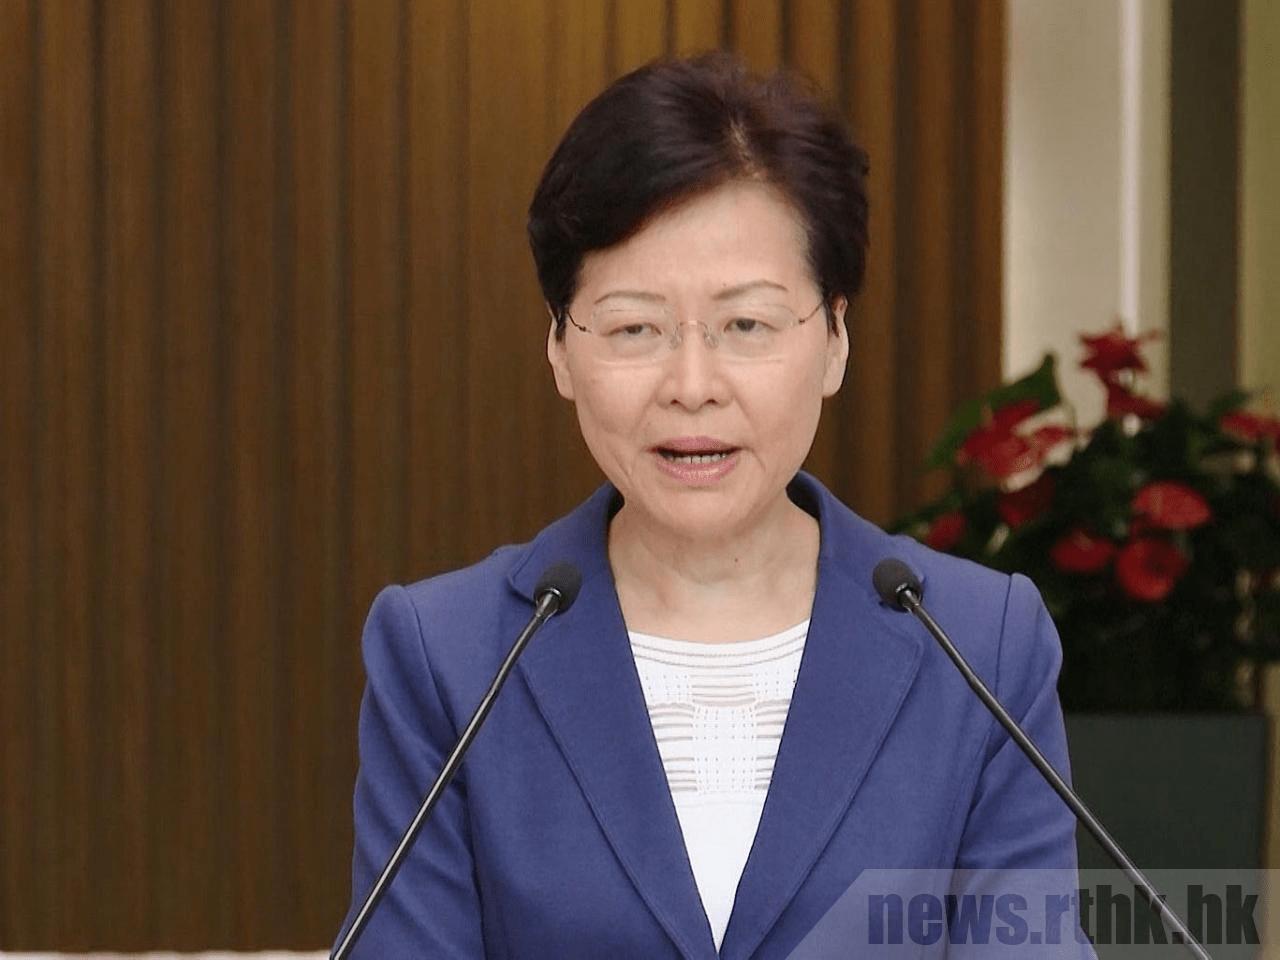 林郑月娥记者会15分钟结束 因部分香港媒体和外媒干扰秩序